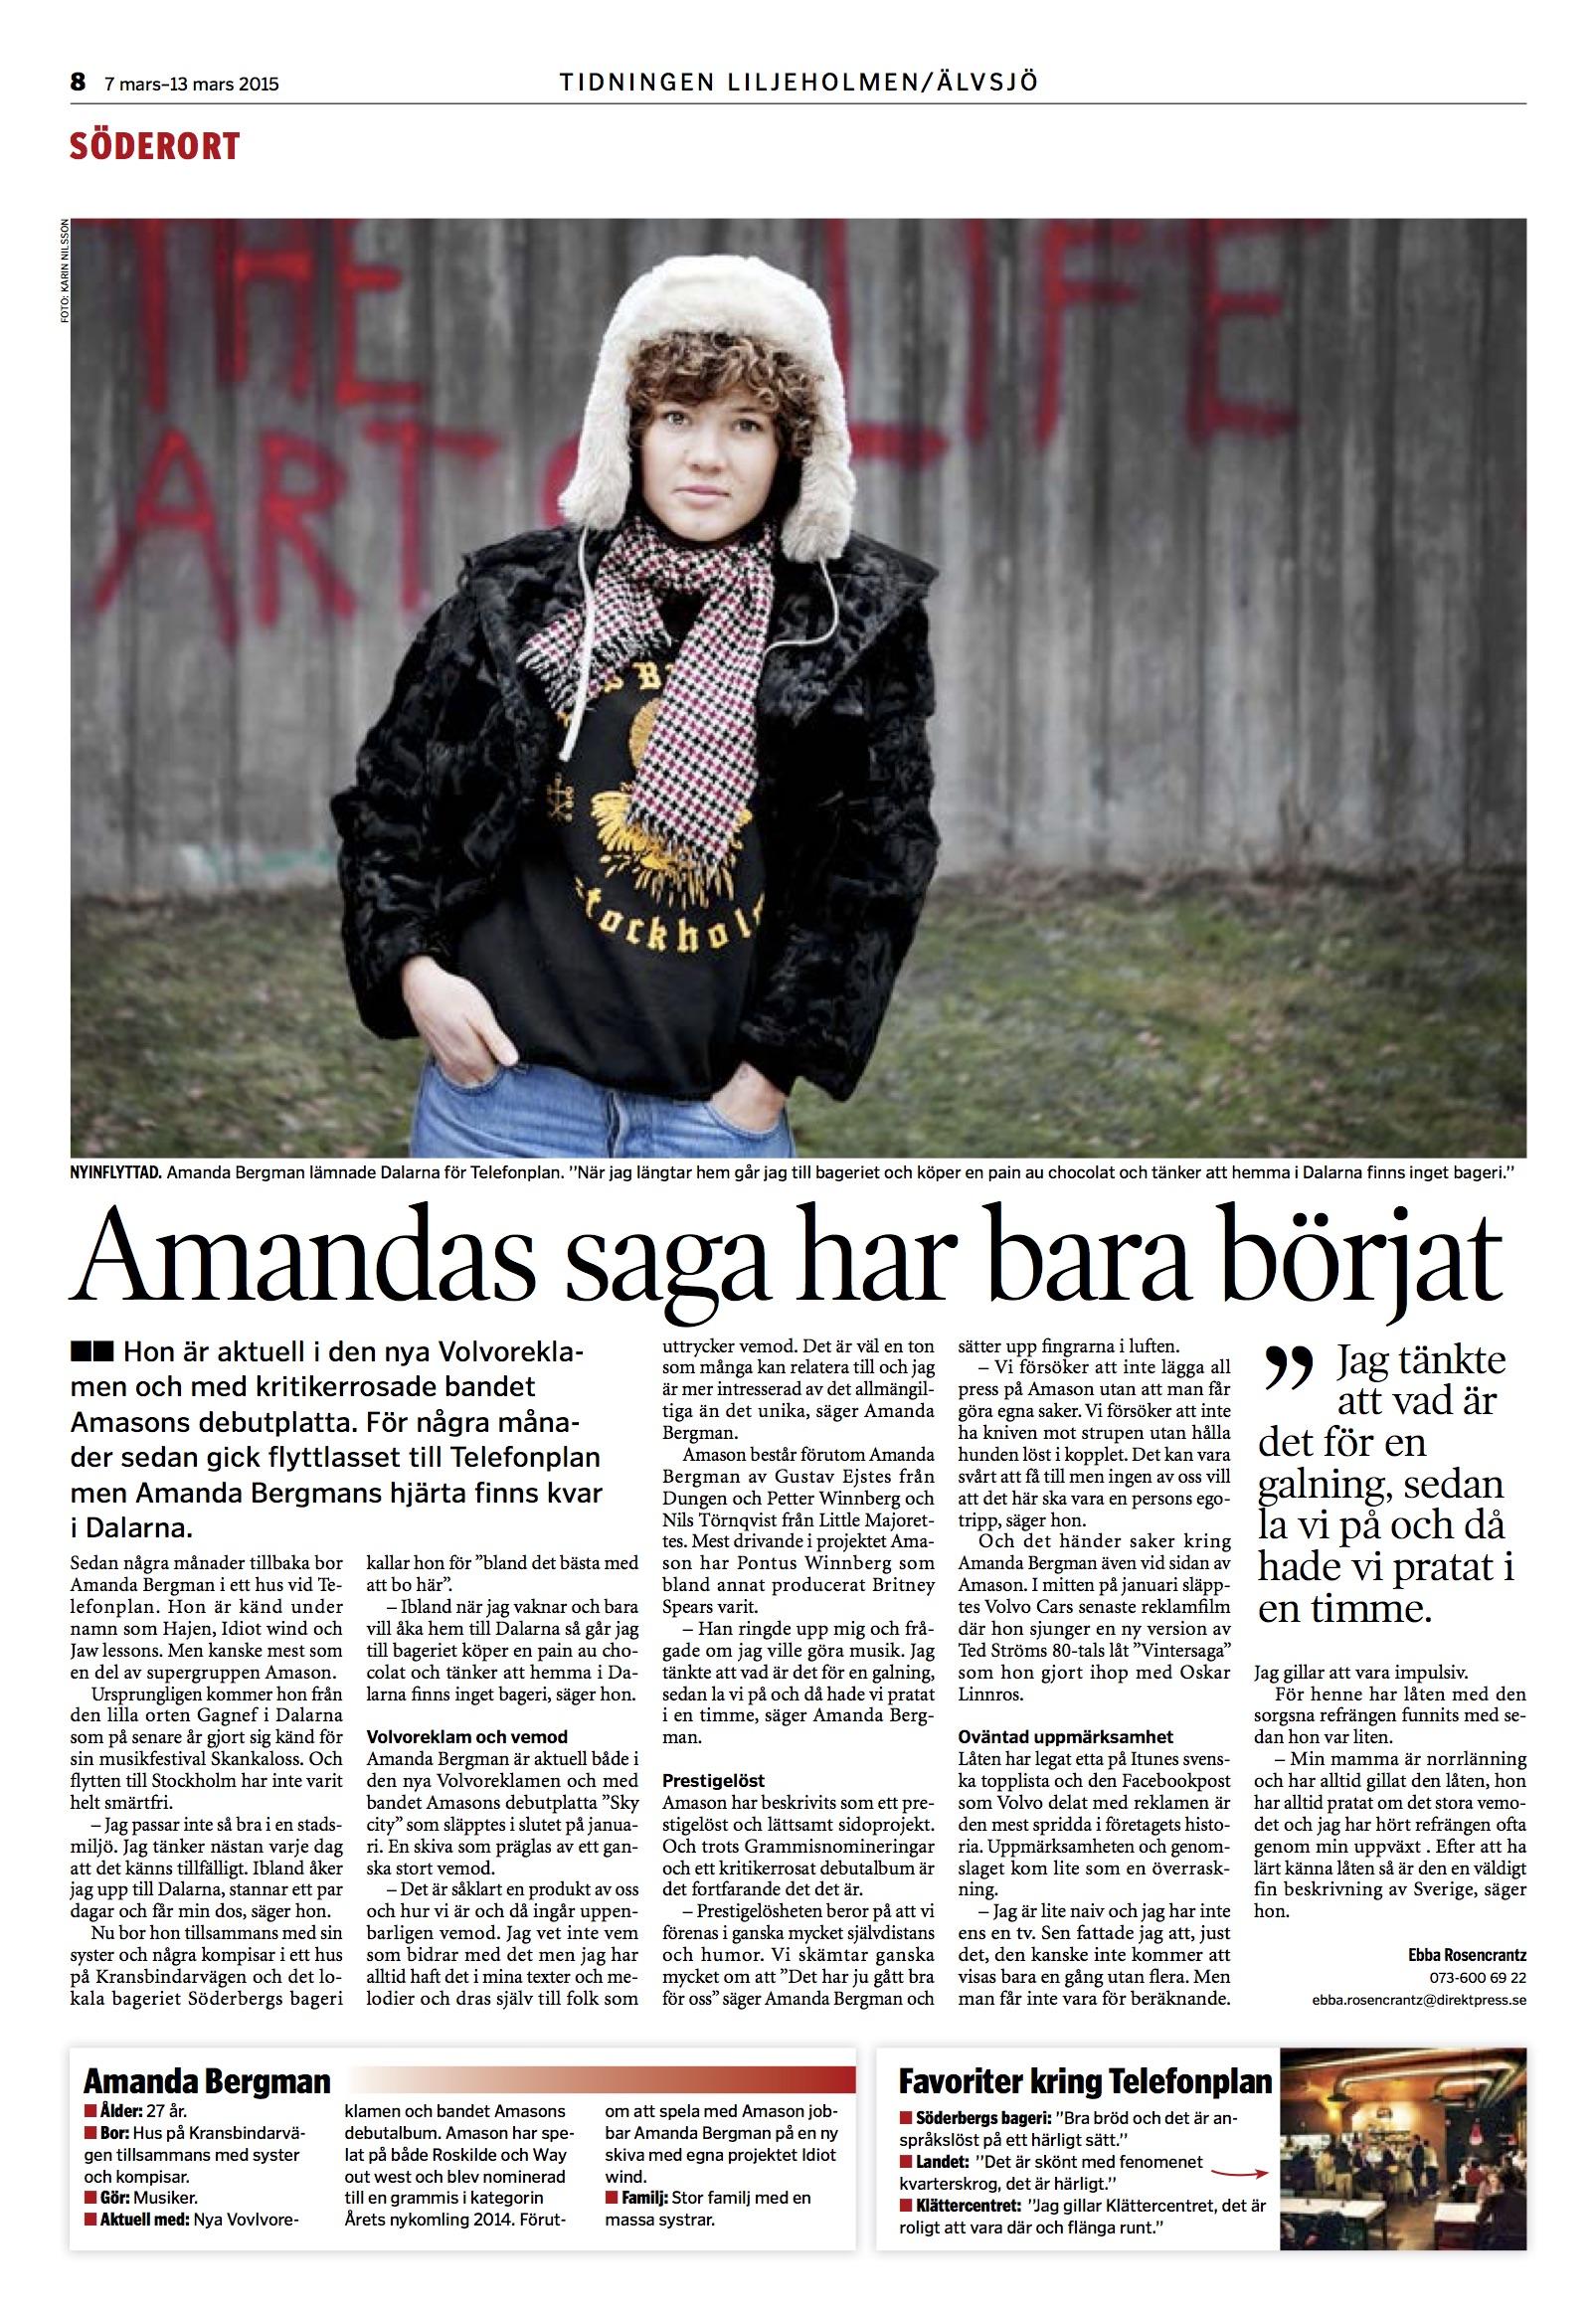 Tidningen Älvsjö:Liljeholmen intervju - Amanda Bergman.jpg